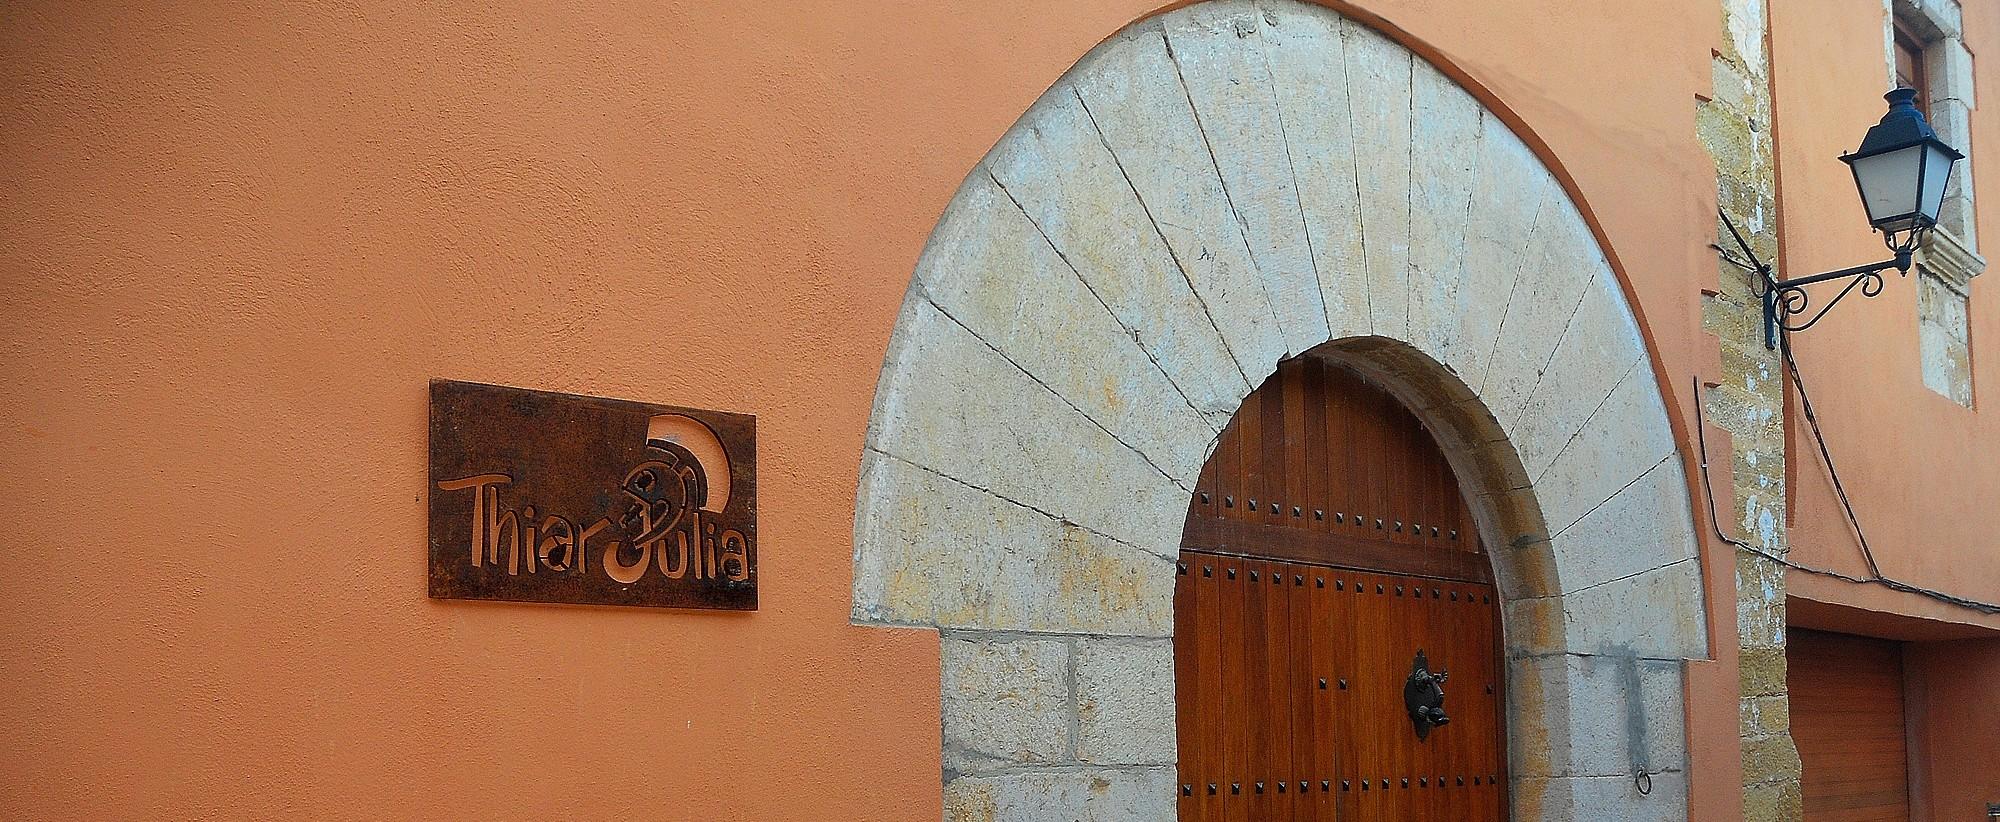 Arte rural en la provincia de castell narte rural descubre las mejores casas rurales - Casa rural peniscola ...